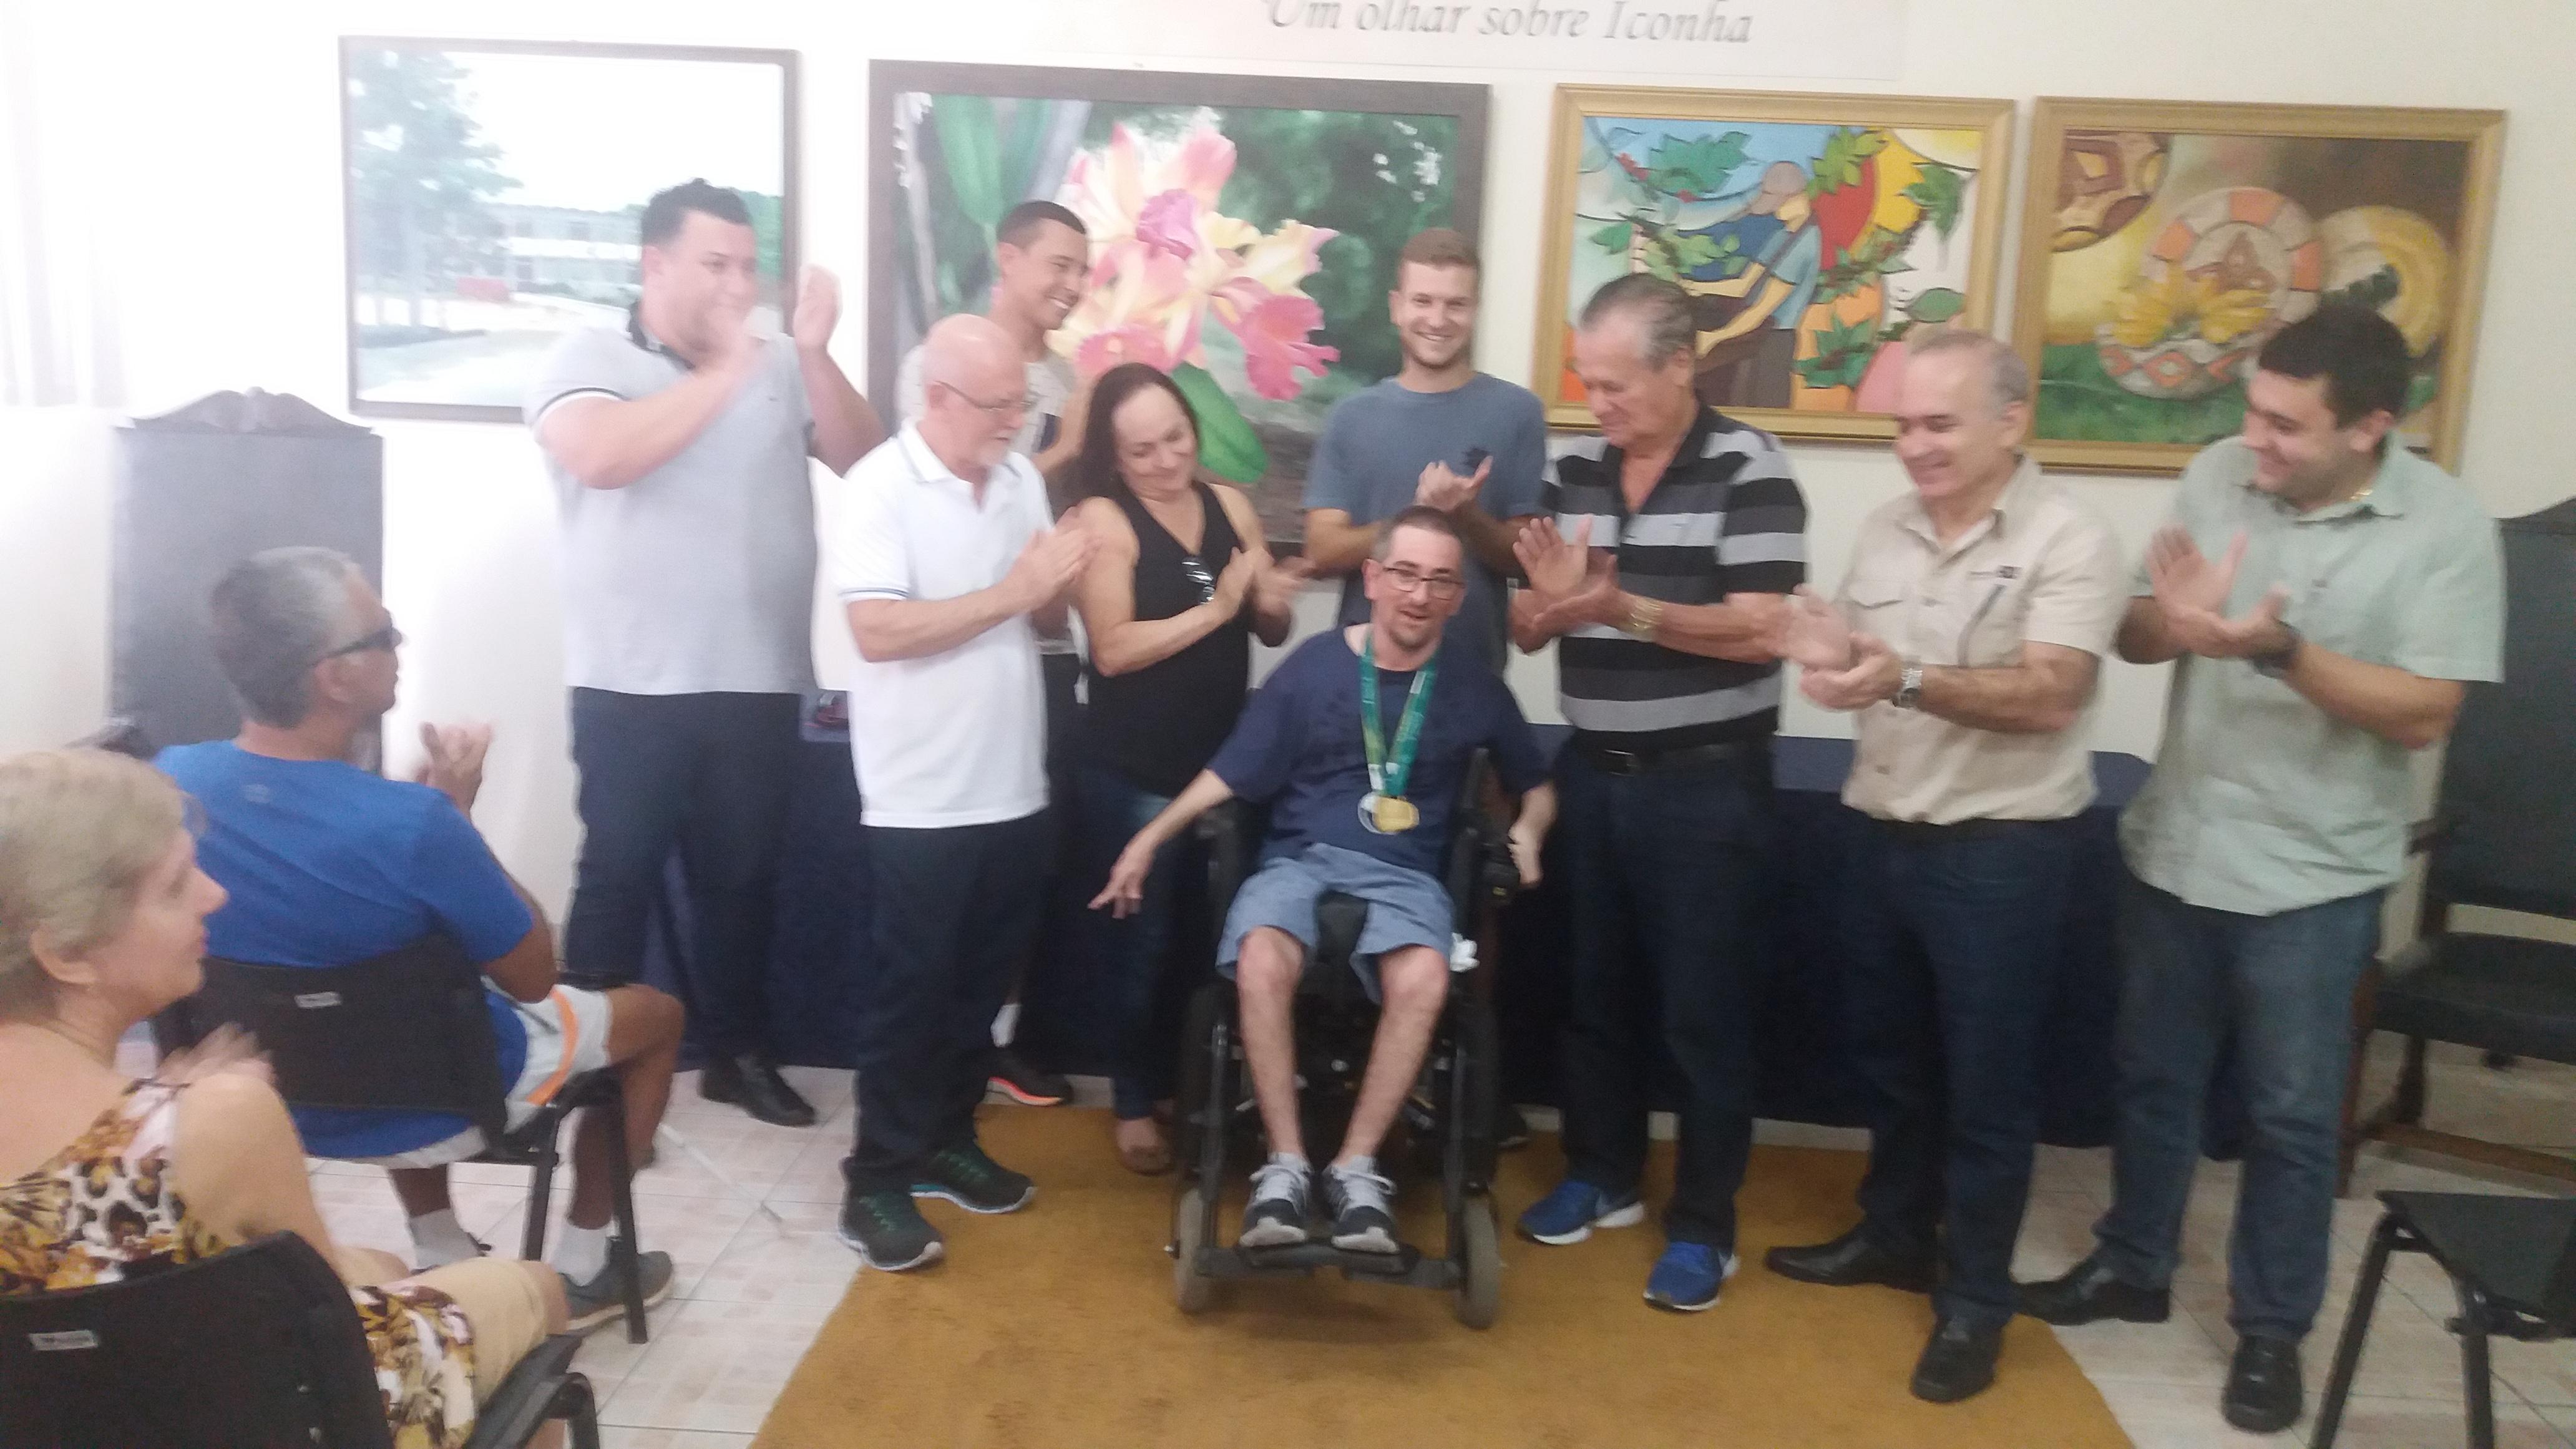 Atleta Iconhense é Homenageado Após Conquista da Prata no Rio de Janeiro